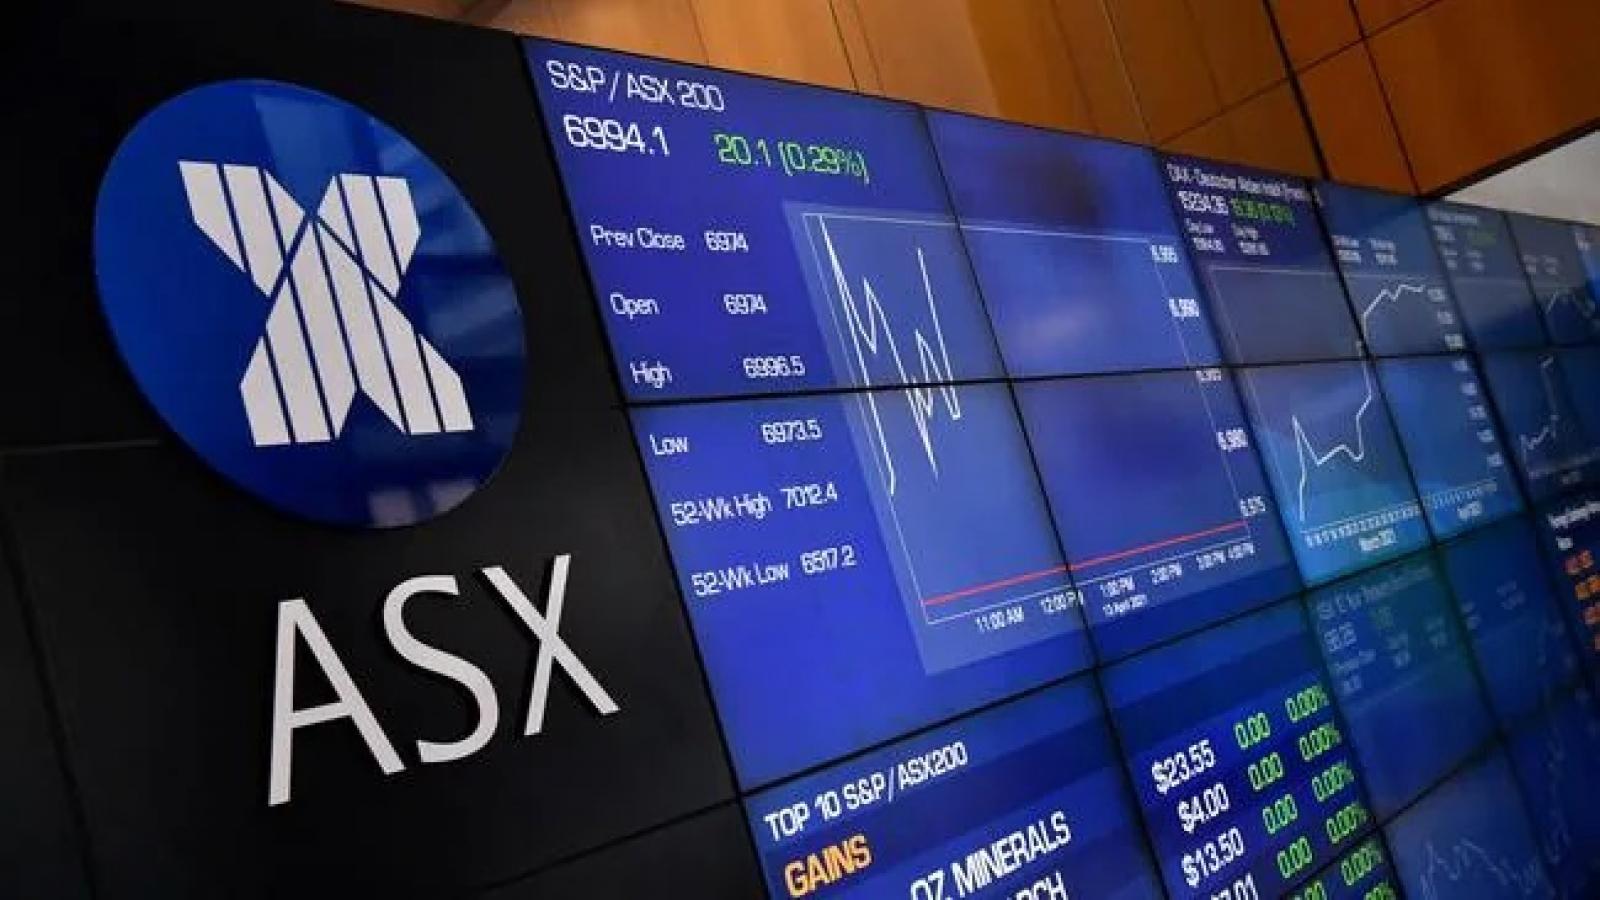 Kinh tế Australia tiếp tục trên đà hồi phục sau đại dịch Covid-19